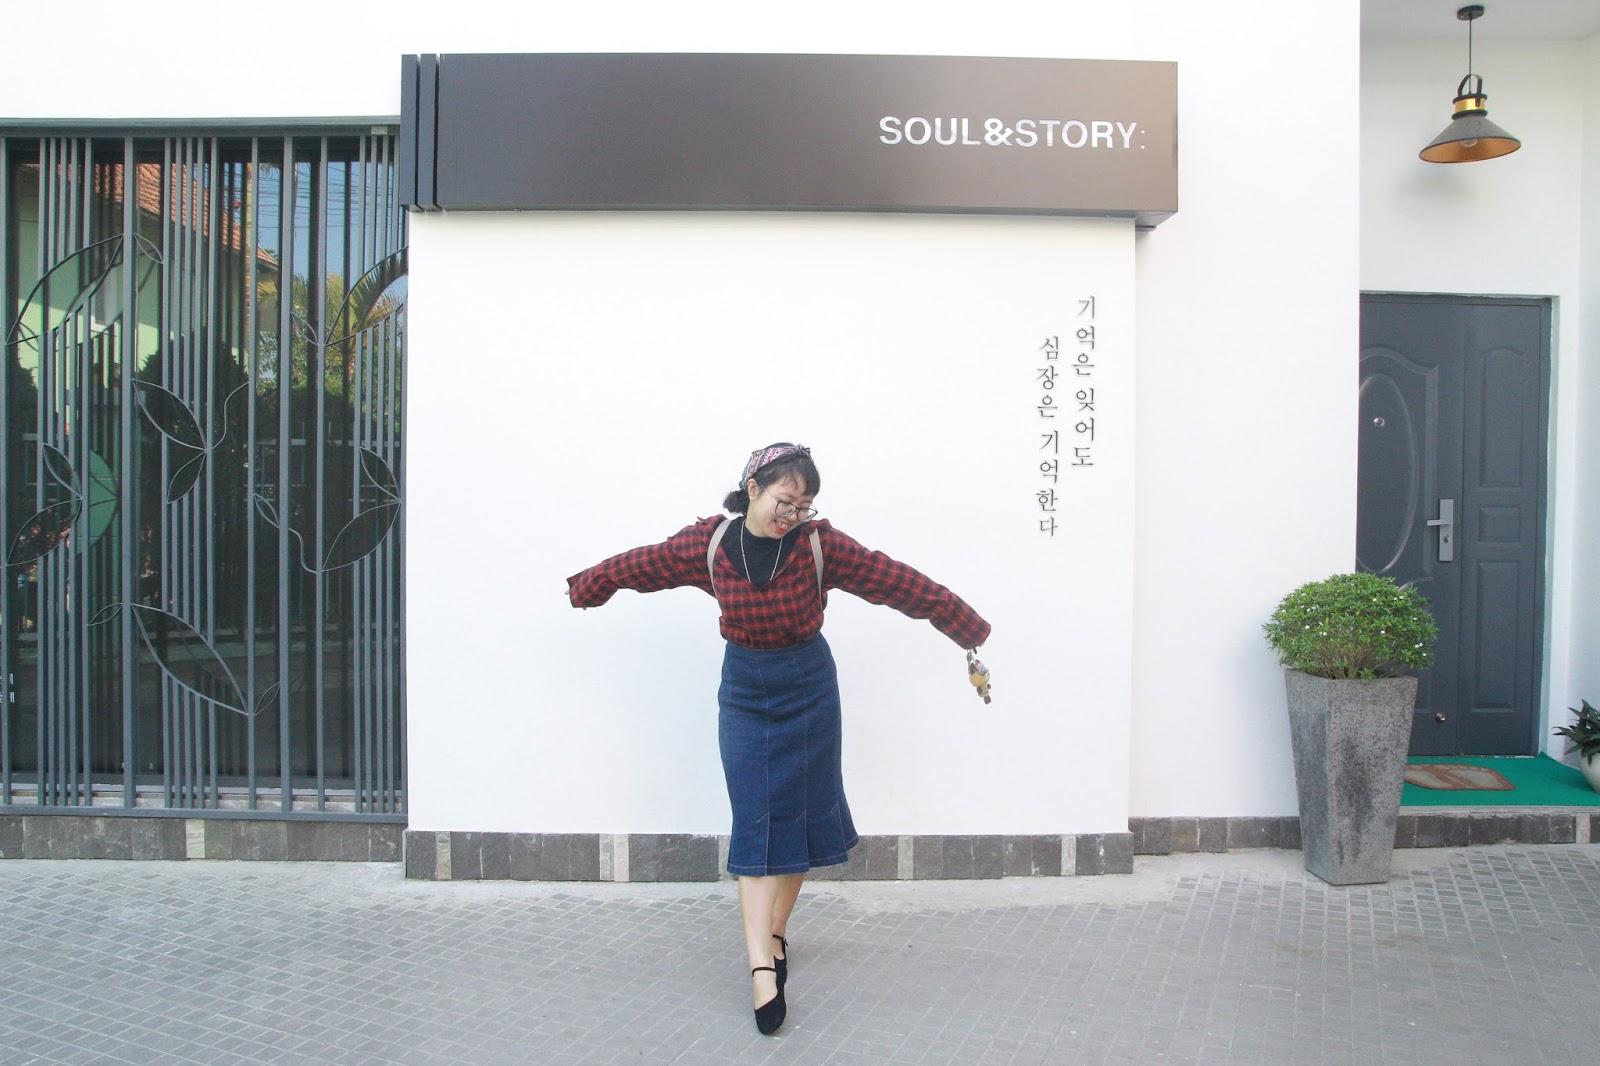 Kết quả hình ảnh cho Bức tường Soul & Story đà lạt